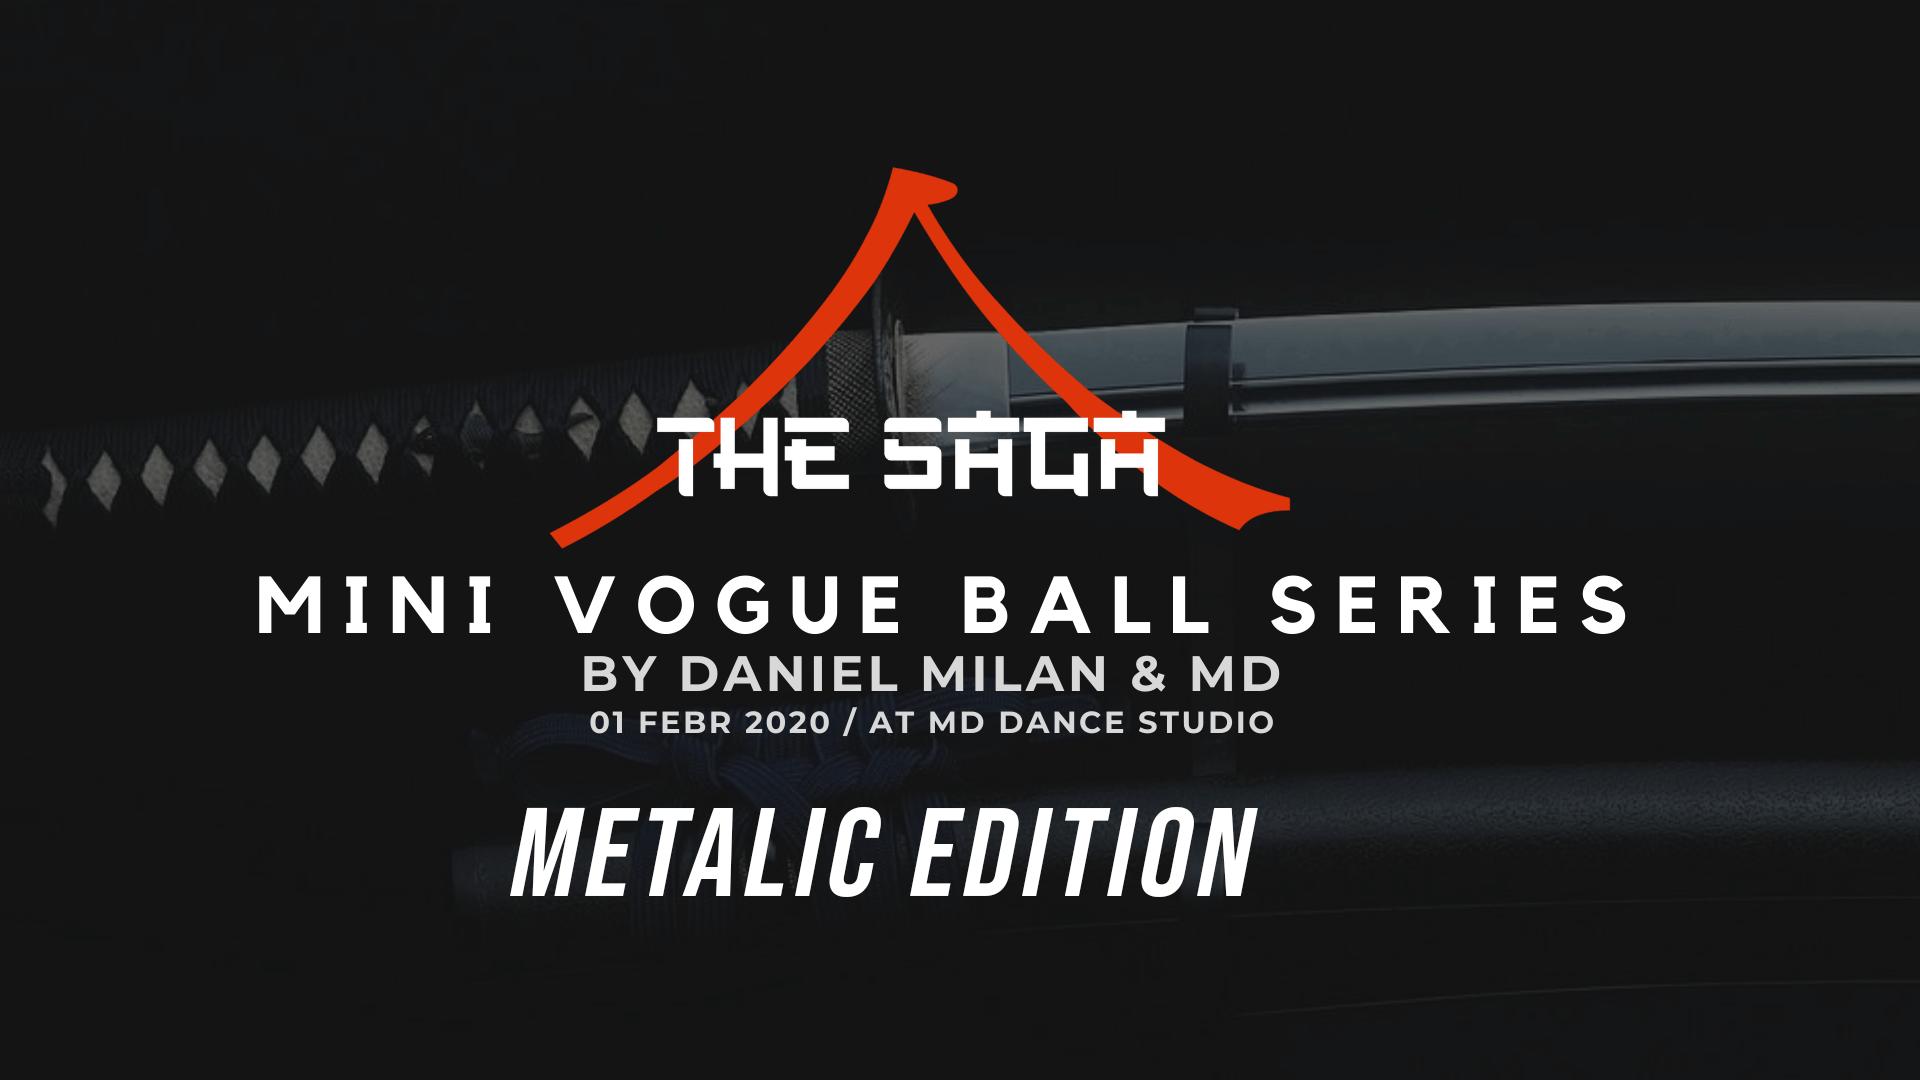 The Saga – Mini Vogue Ball series by Daniel Milan & MD